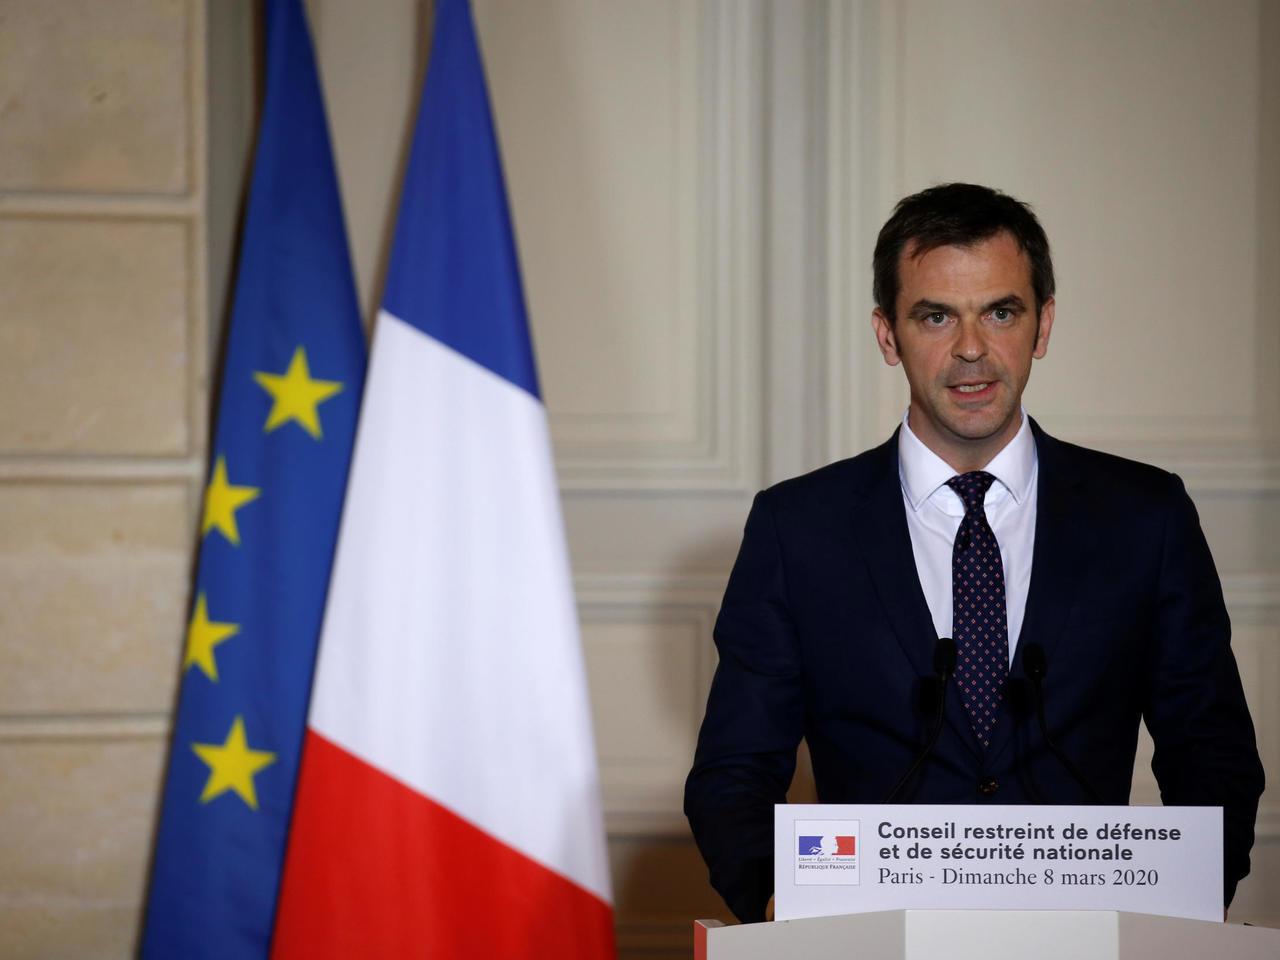 وزير الصحة الفرنسى : من الصعب إقامة احتفالات عيد الميلاد هذا العام